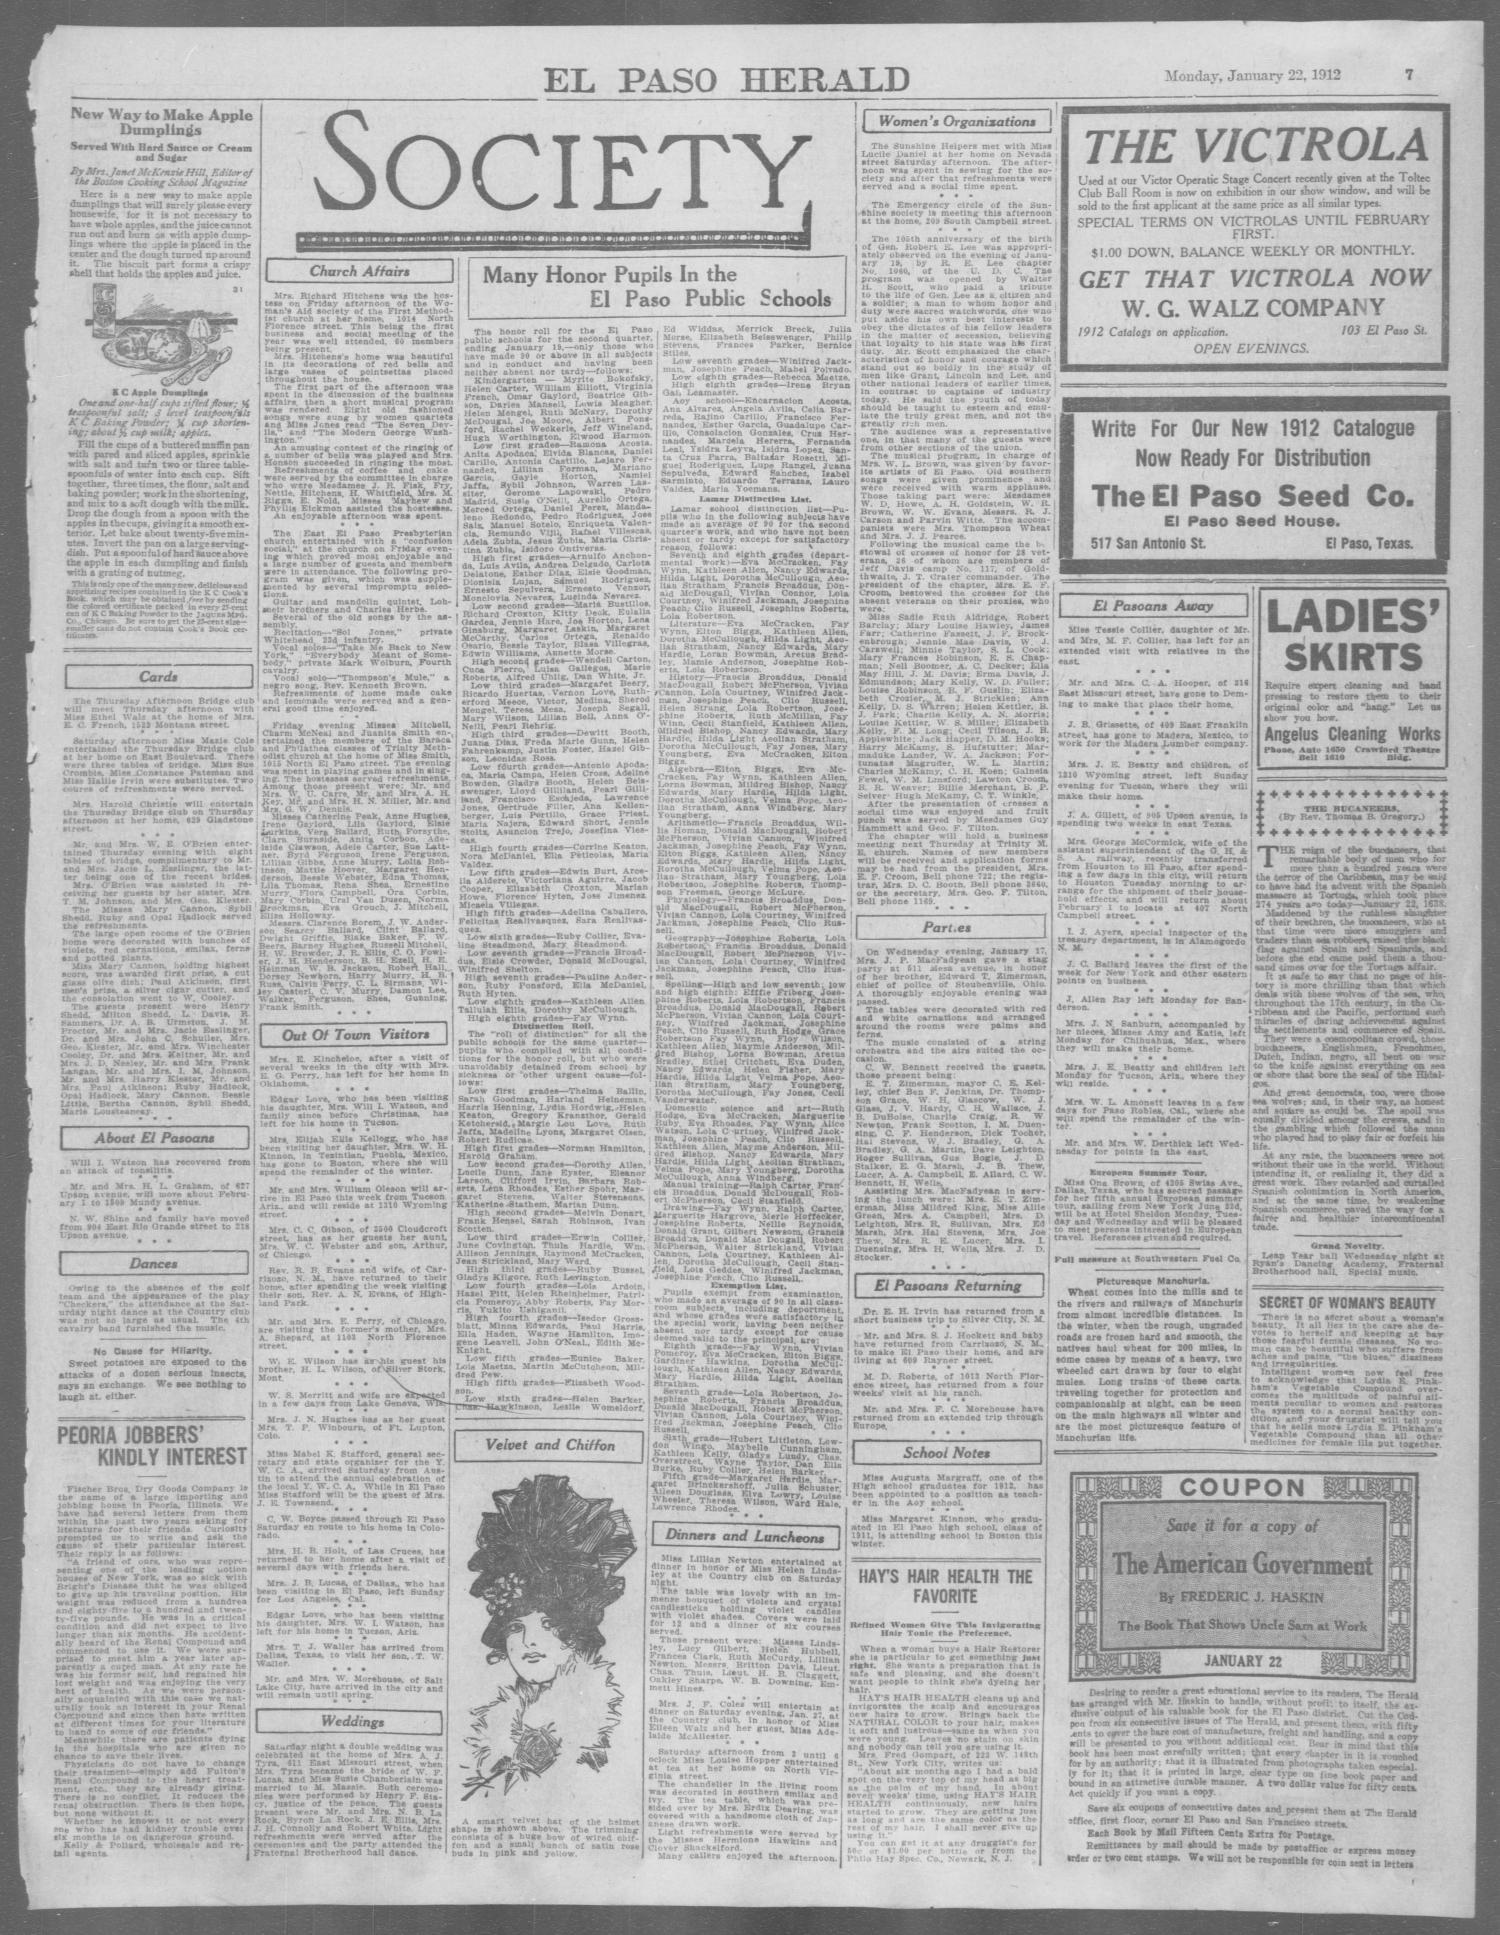 El Paso Herald (El Paso, Tex ), Ed  1, Monday, January 22